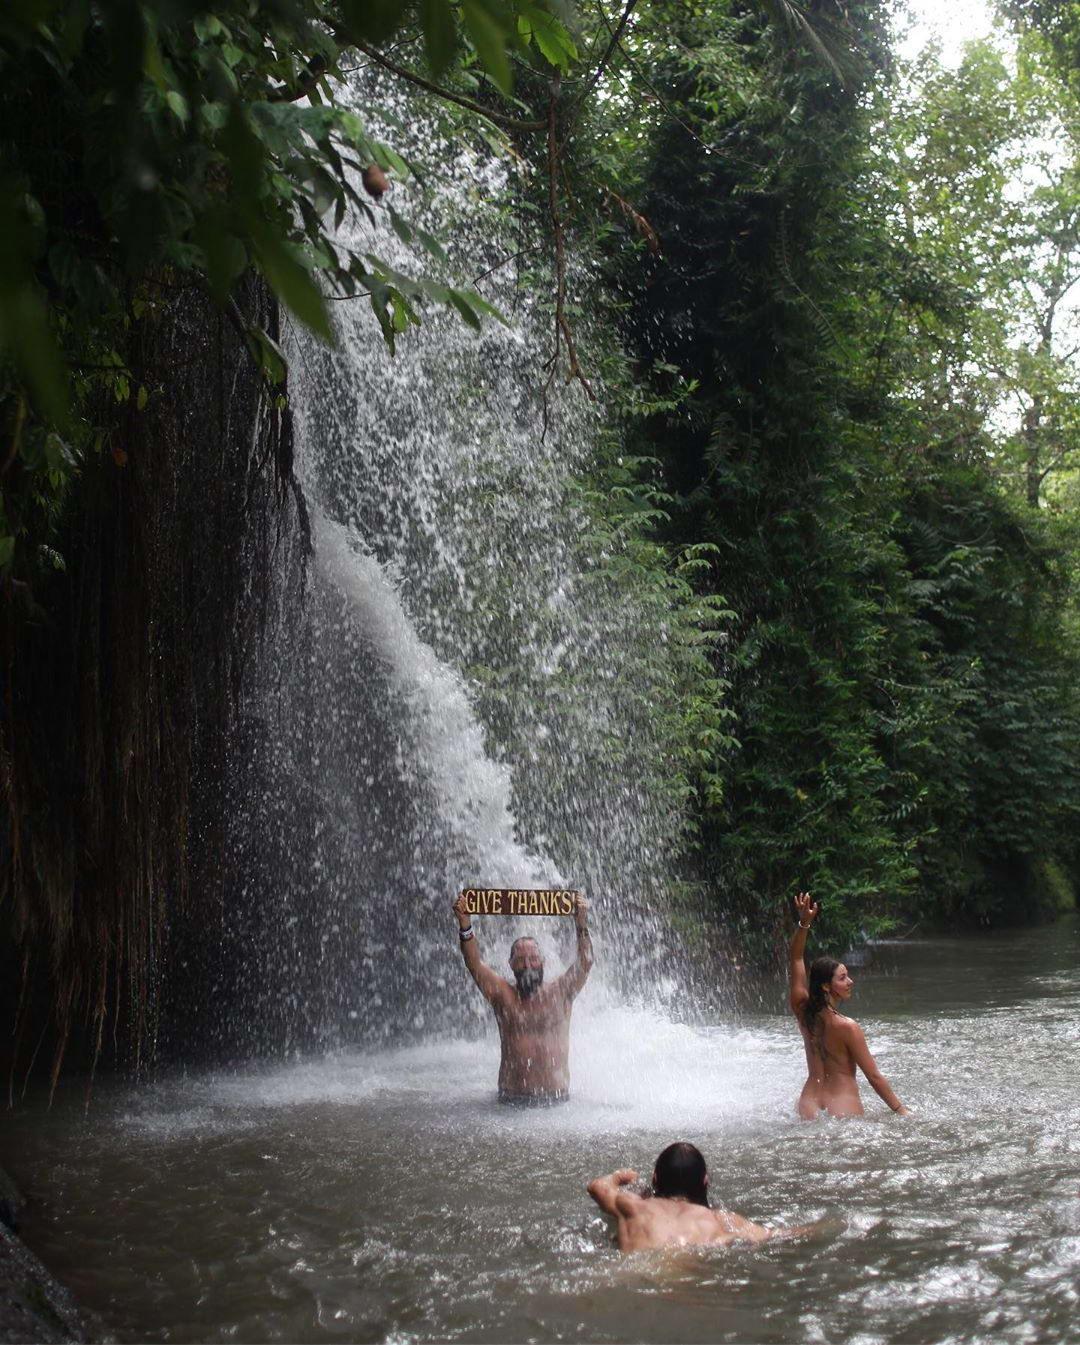 Любители купаться голышом из tumblr - 2  (40 фото)